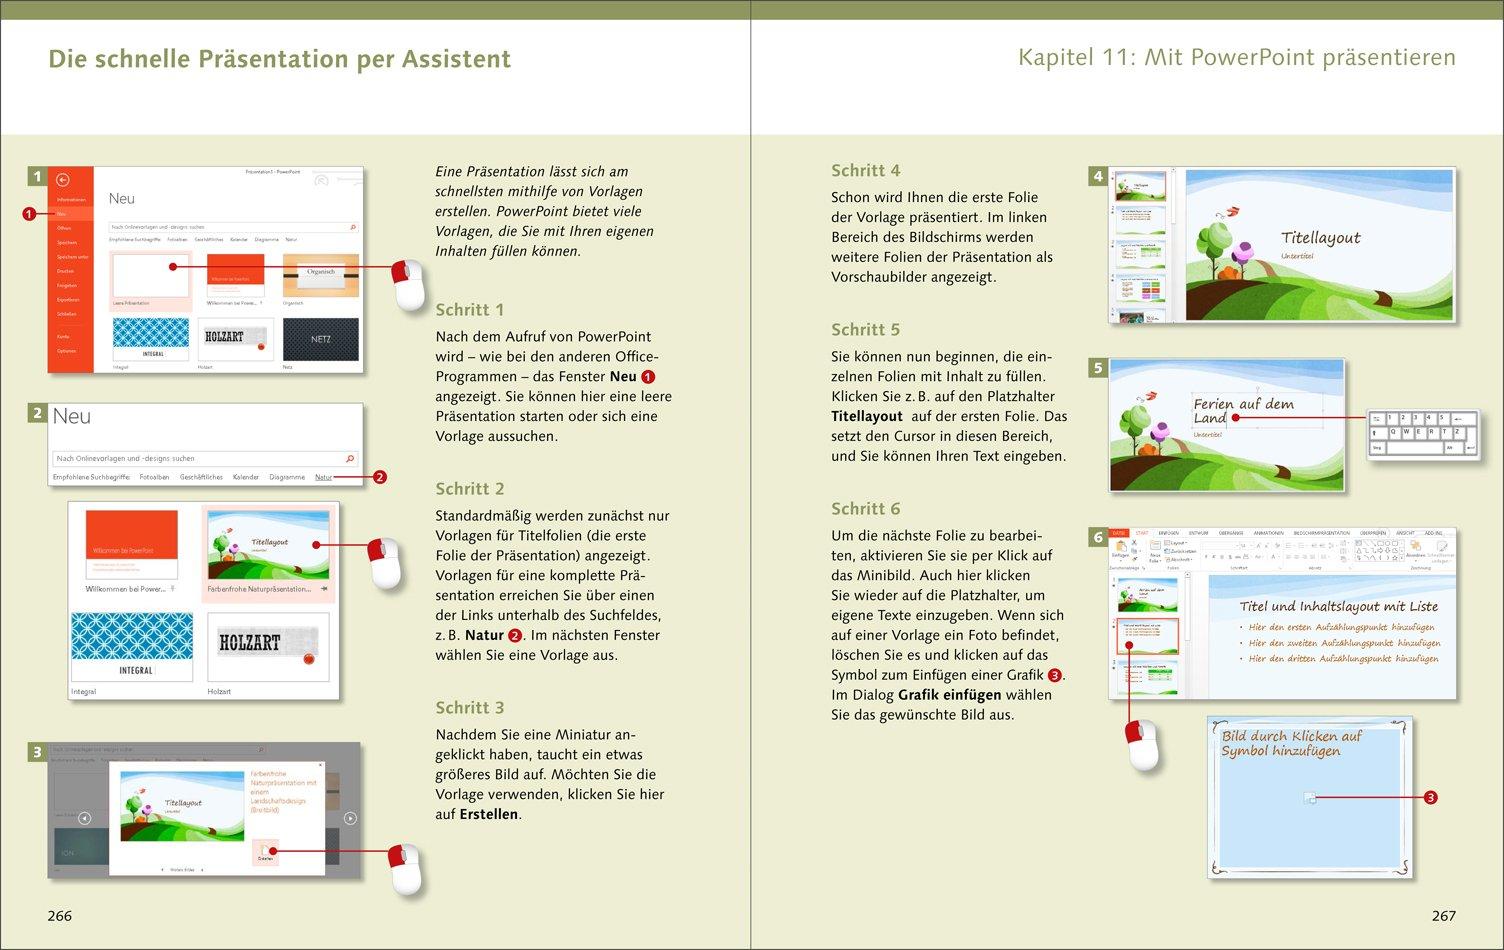 Beste Bücher Powerpoint Vorlage Ideen - Beispiel Anschreiben für ...